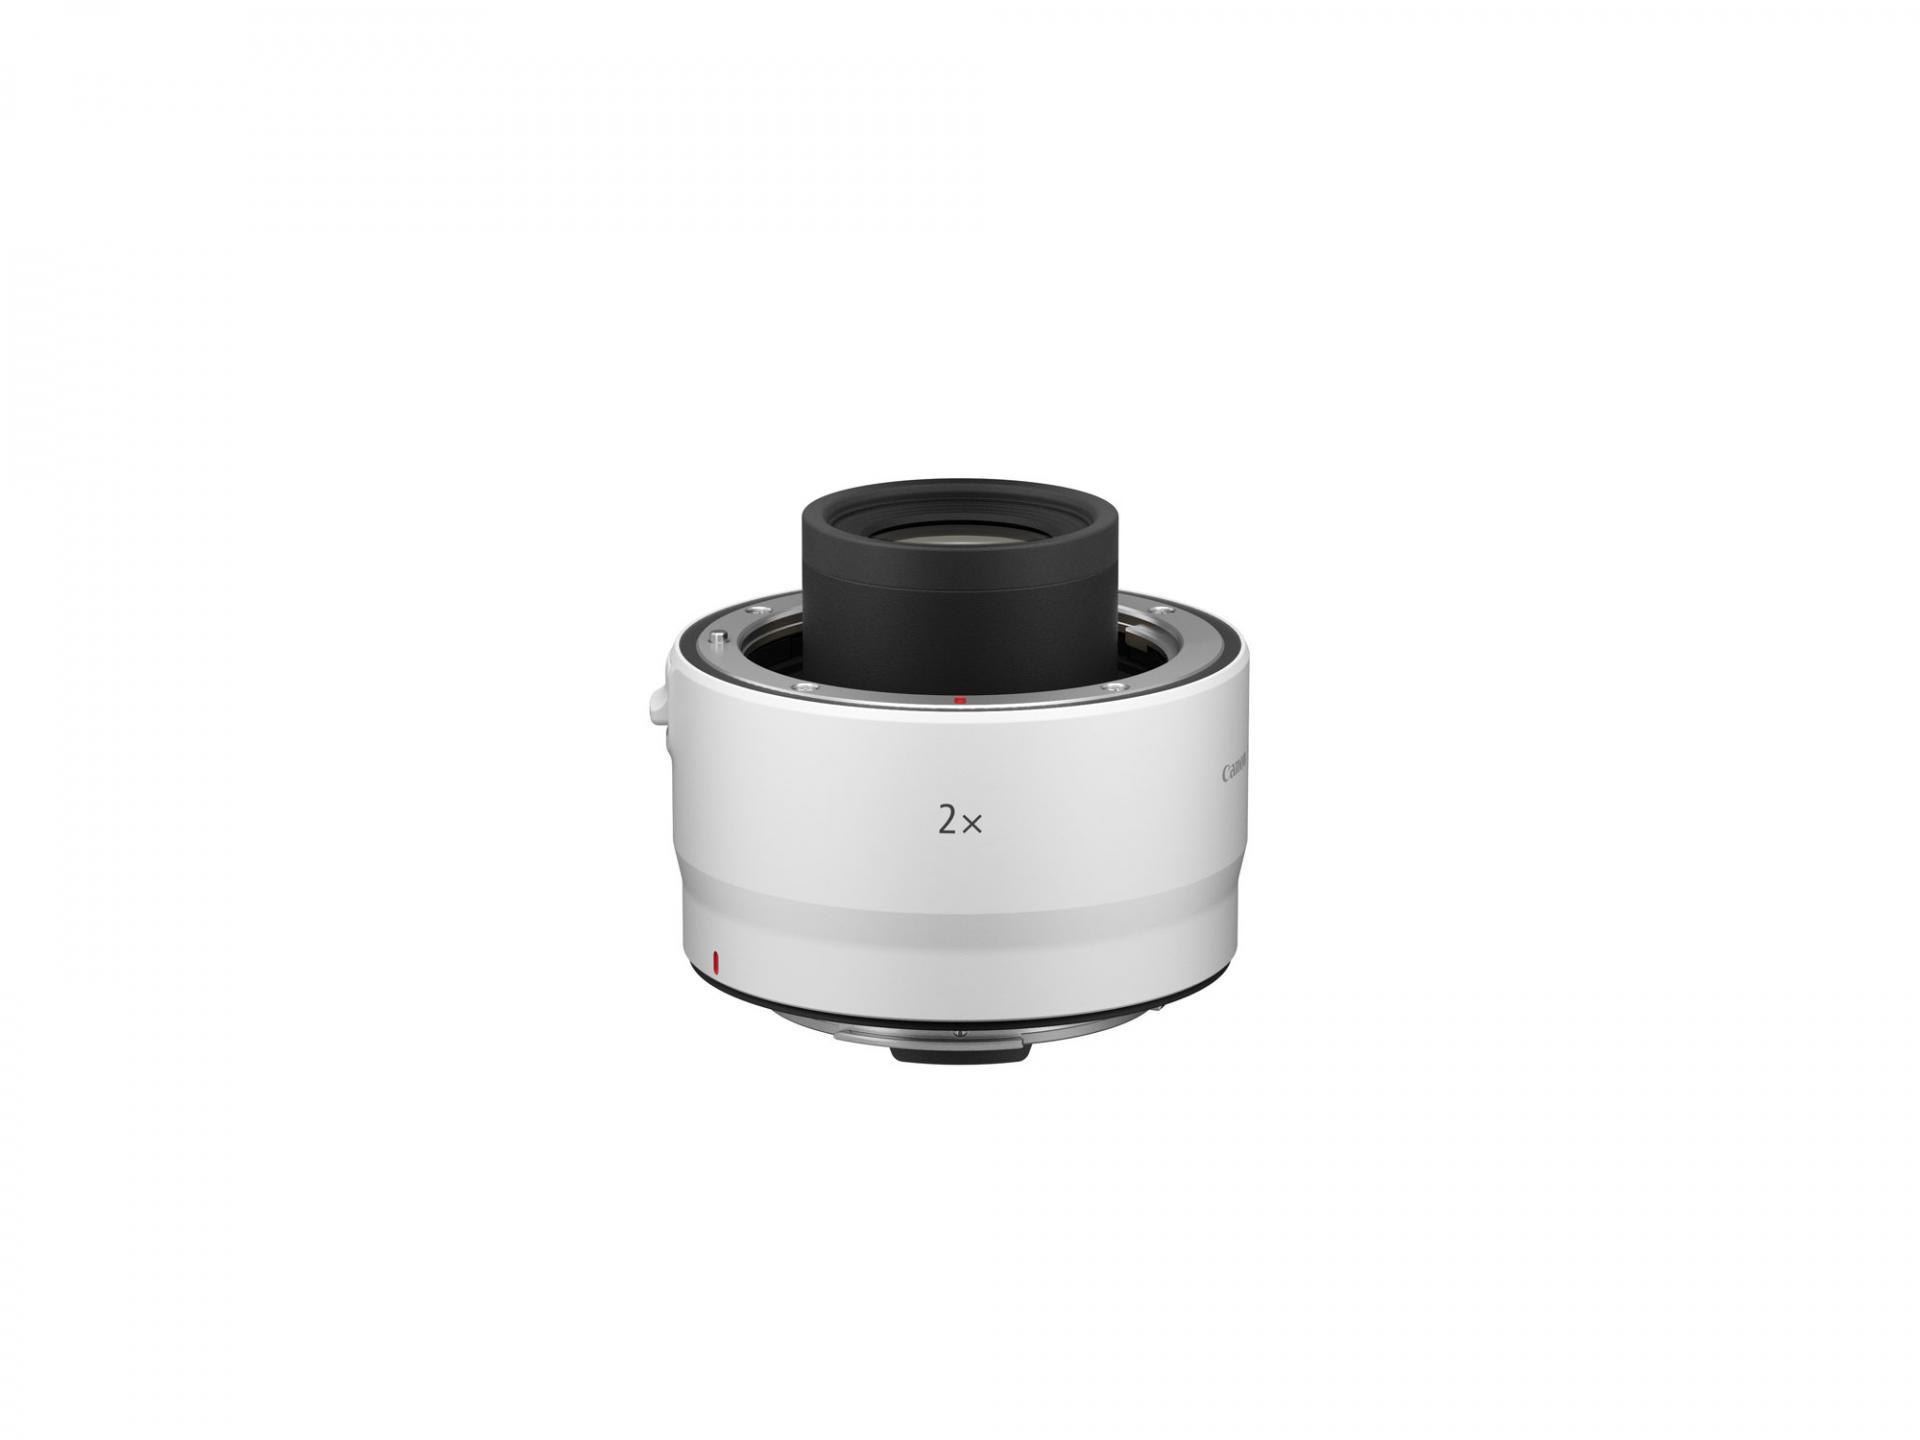 Canon запланировала новые объективы иконвертеры на2020 год